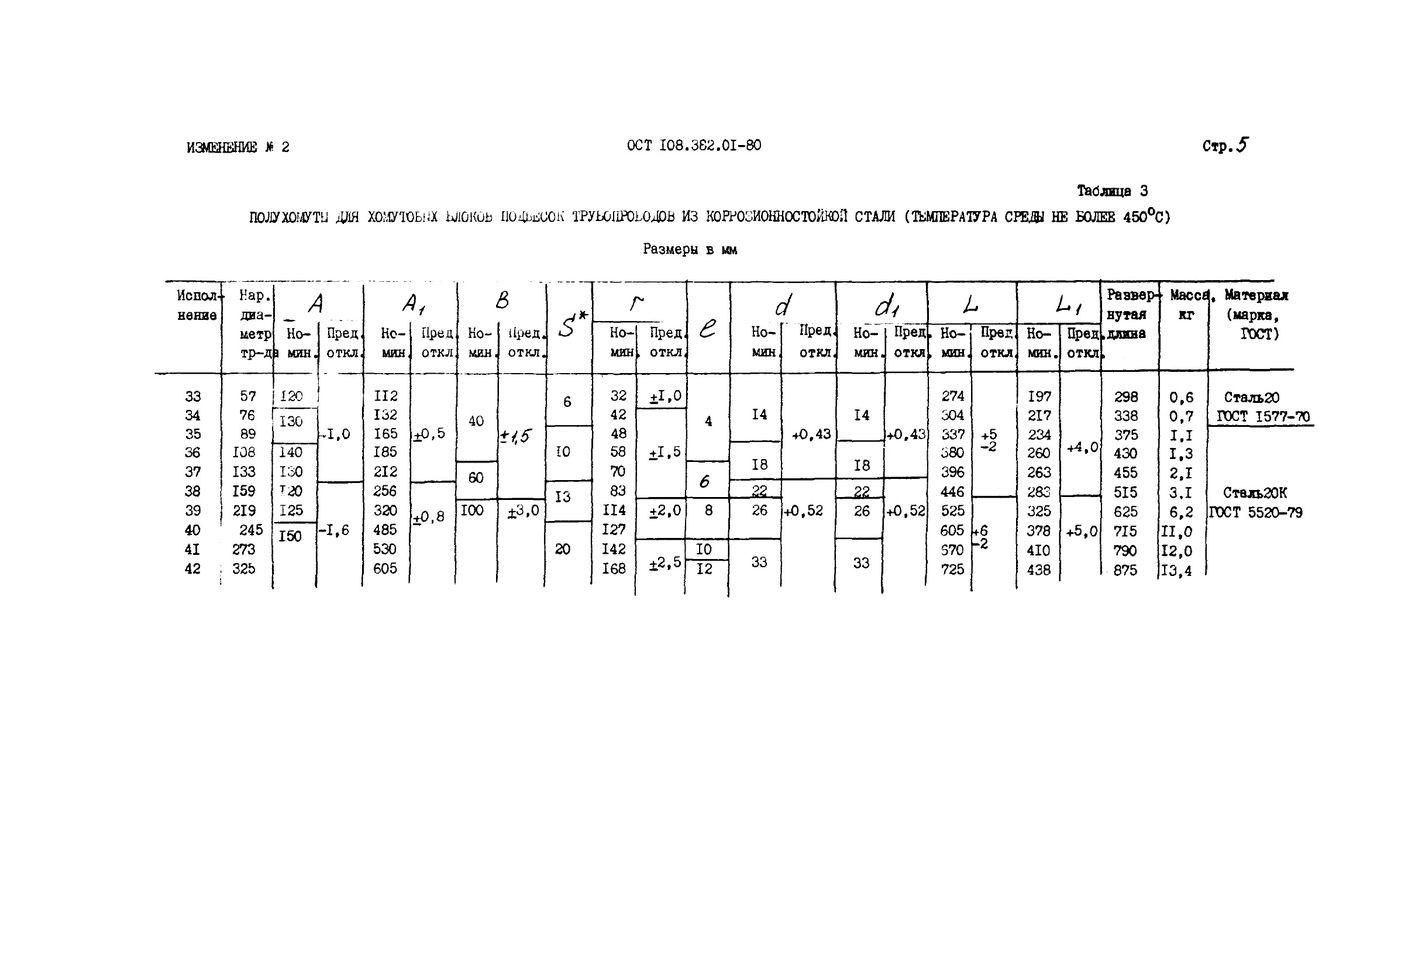 Полухомуты для хомутовых блоков подвесок горизонтальных трубопроводов ОСТ 108.382.01-80 стр.10